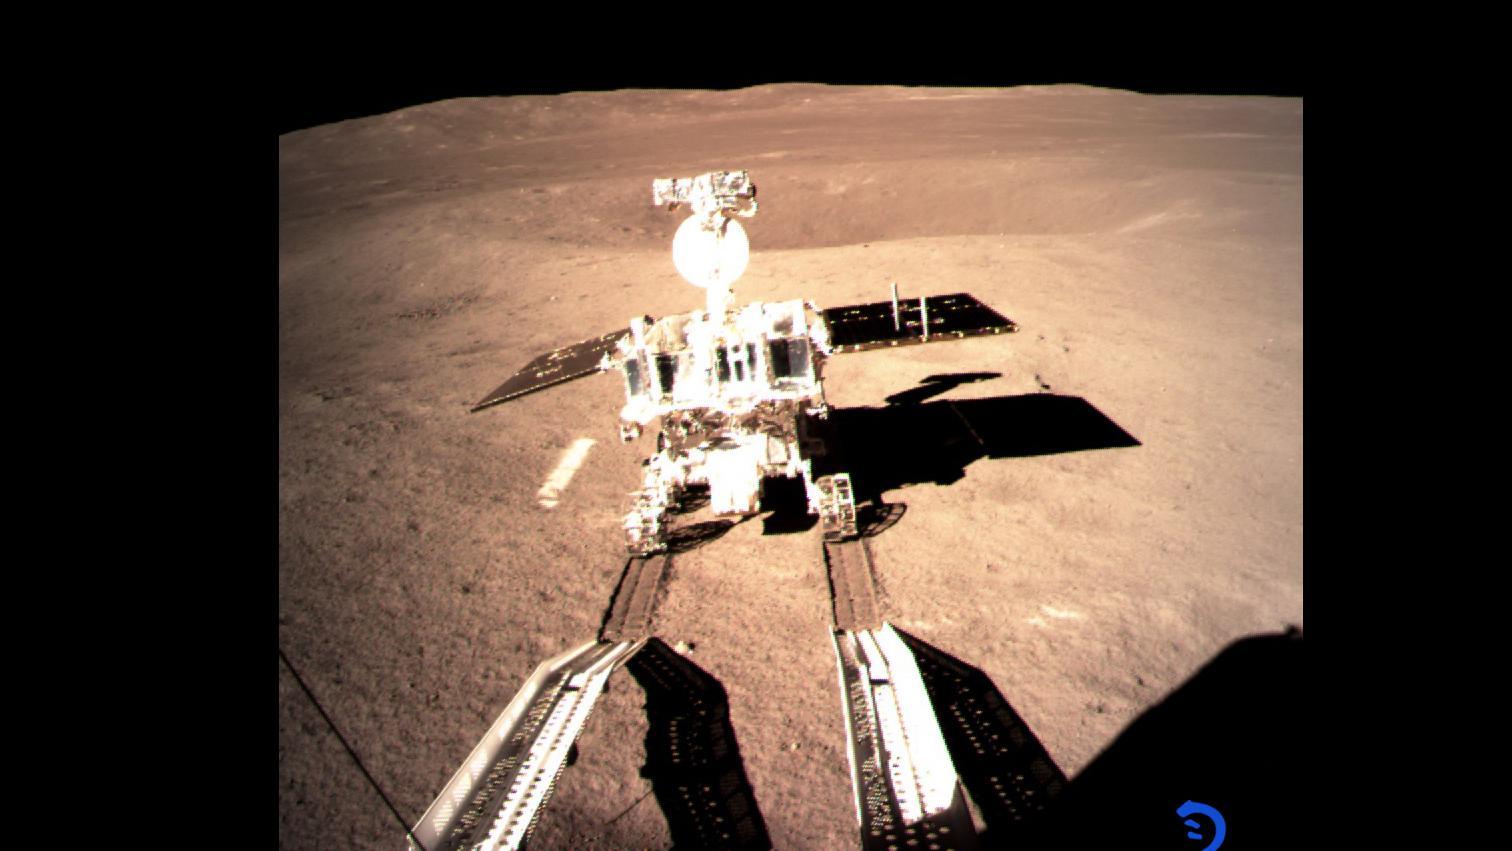 Chinesischer Rover Yutu 2 (Jadehase 2) auf dem Mond